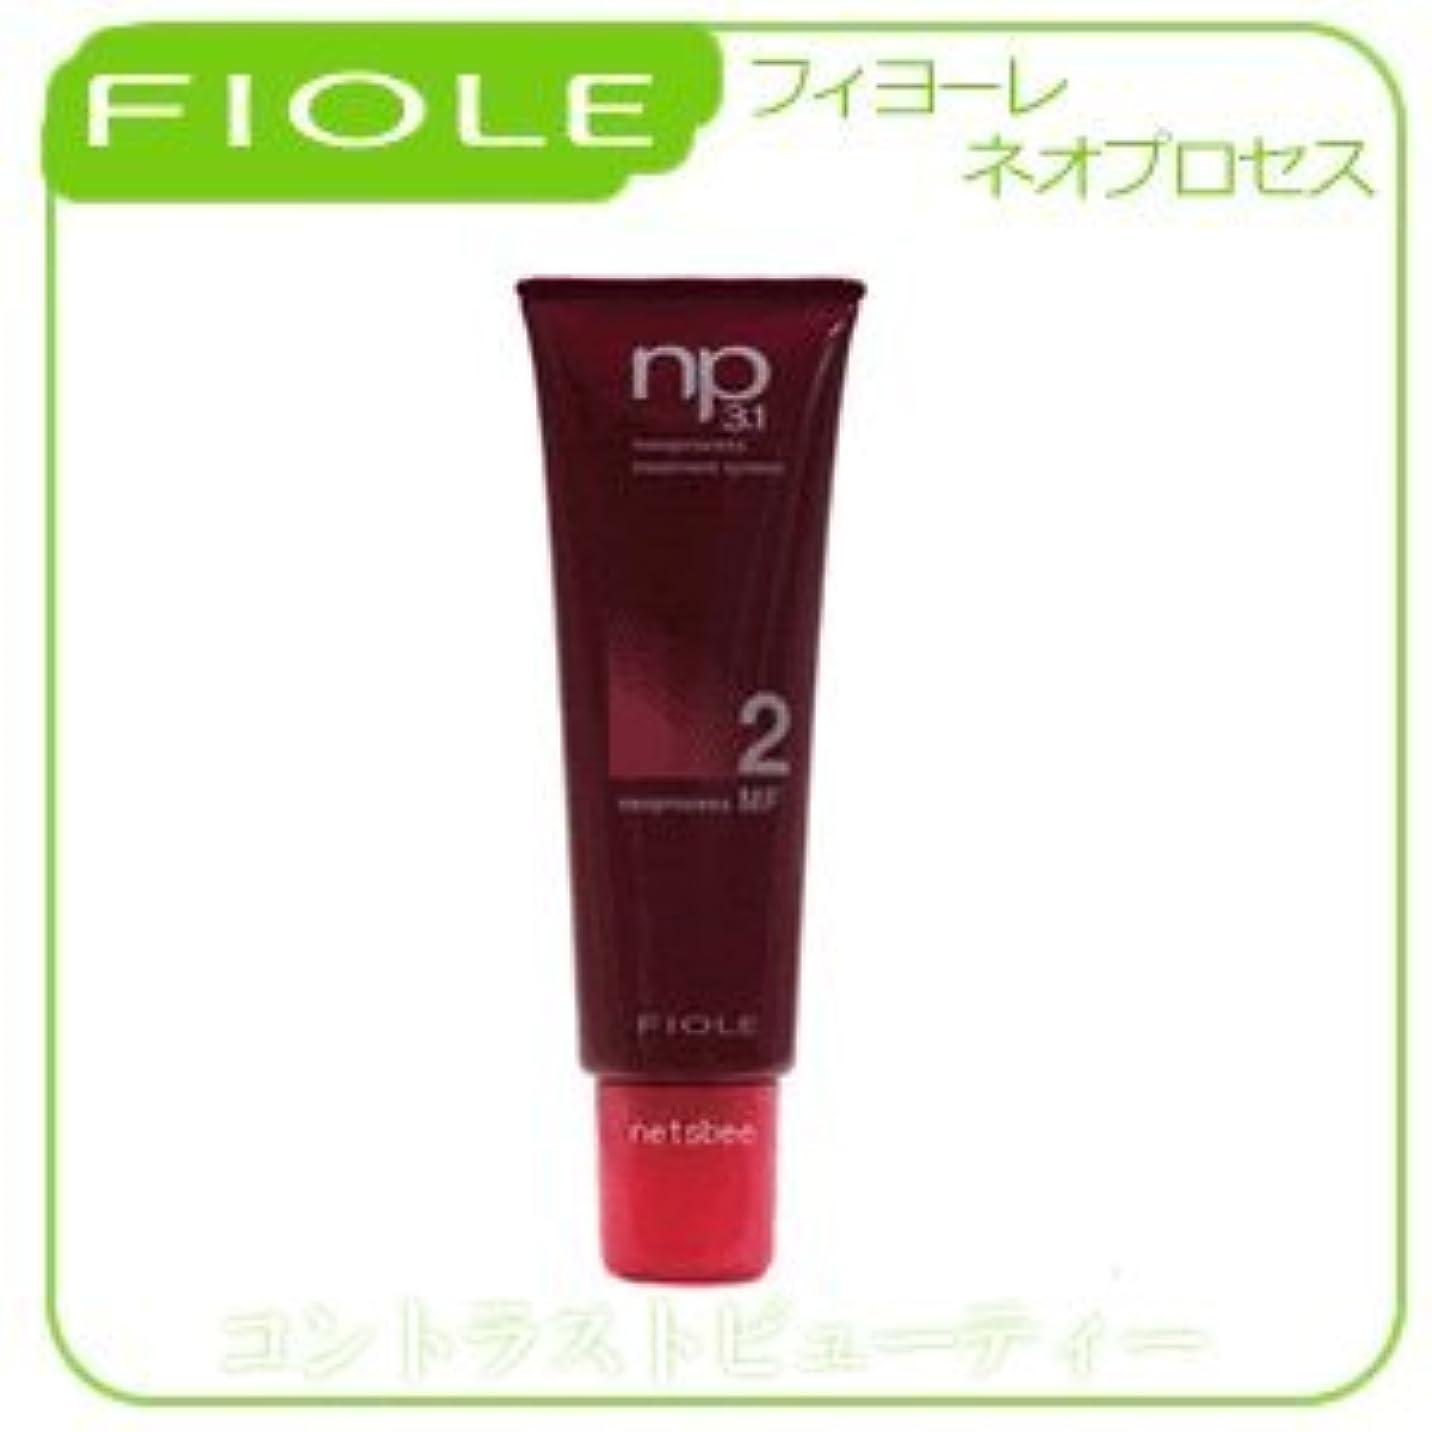 ダッシュ蓄積する集まるフィヨーレ NP3.1 ネオプロセス MF2 130g FIOLE ネオプロセス